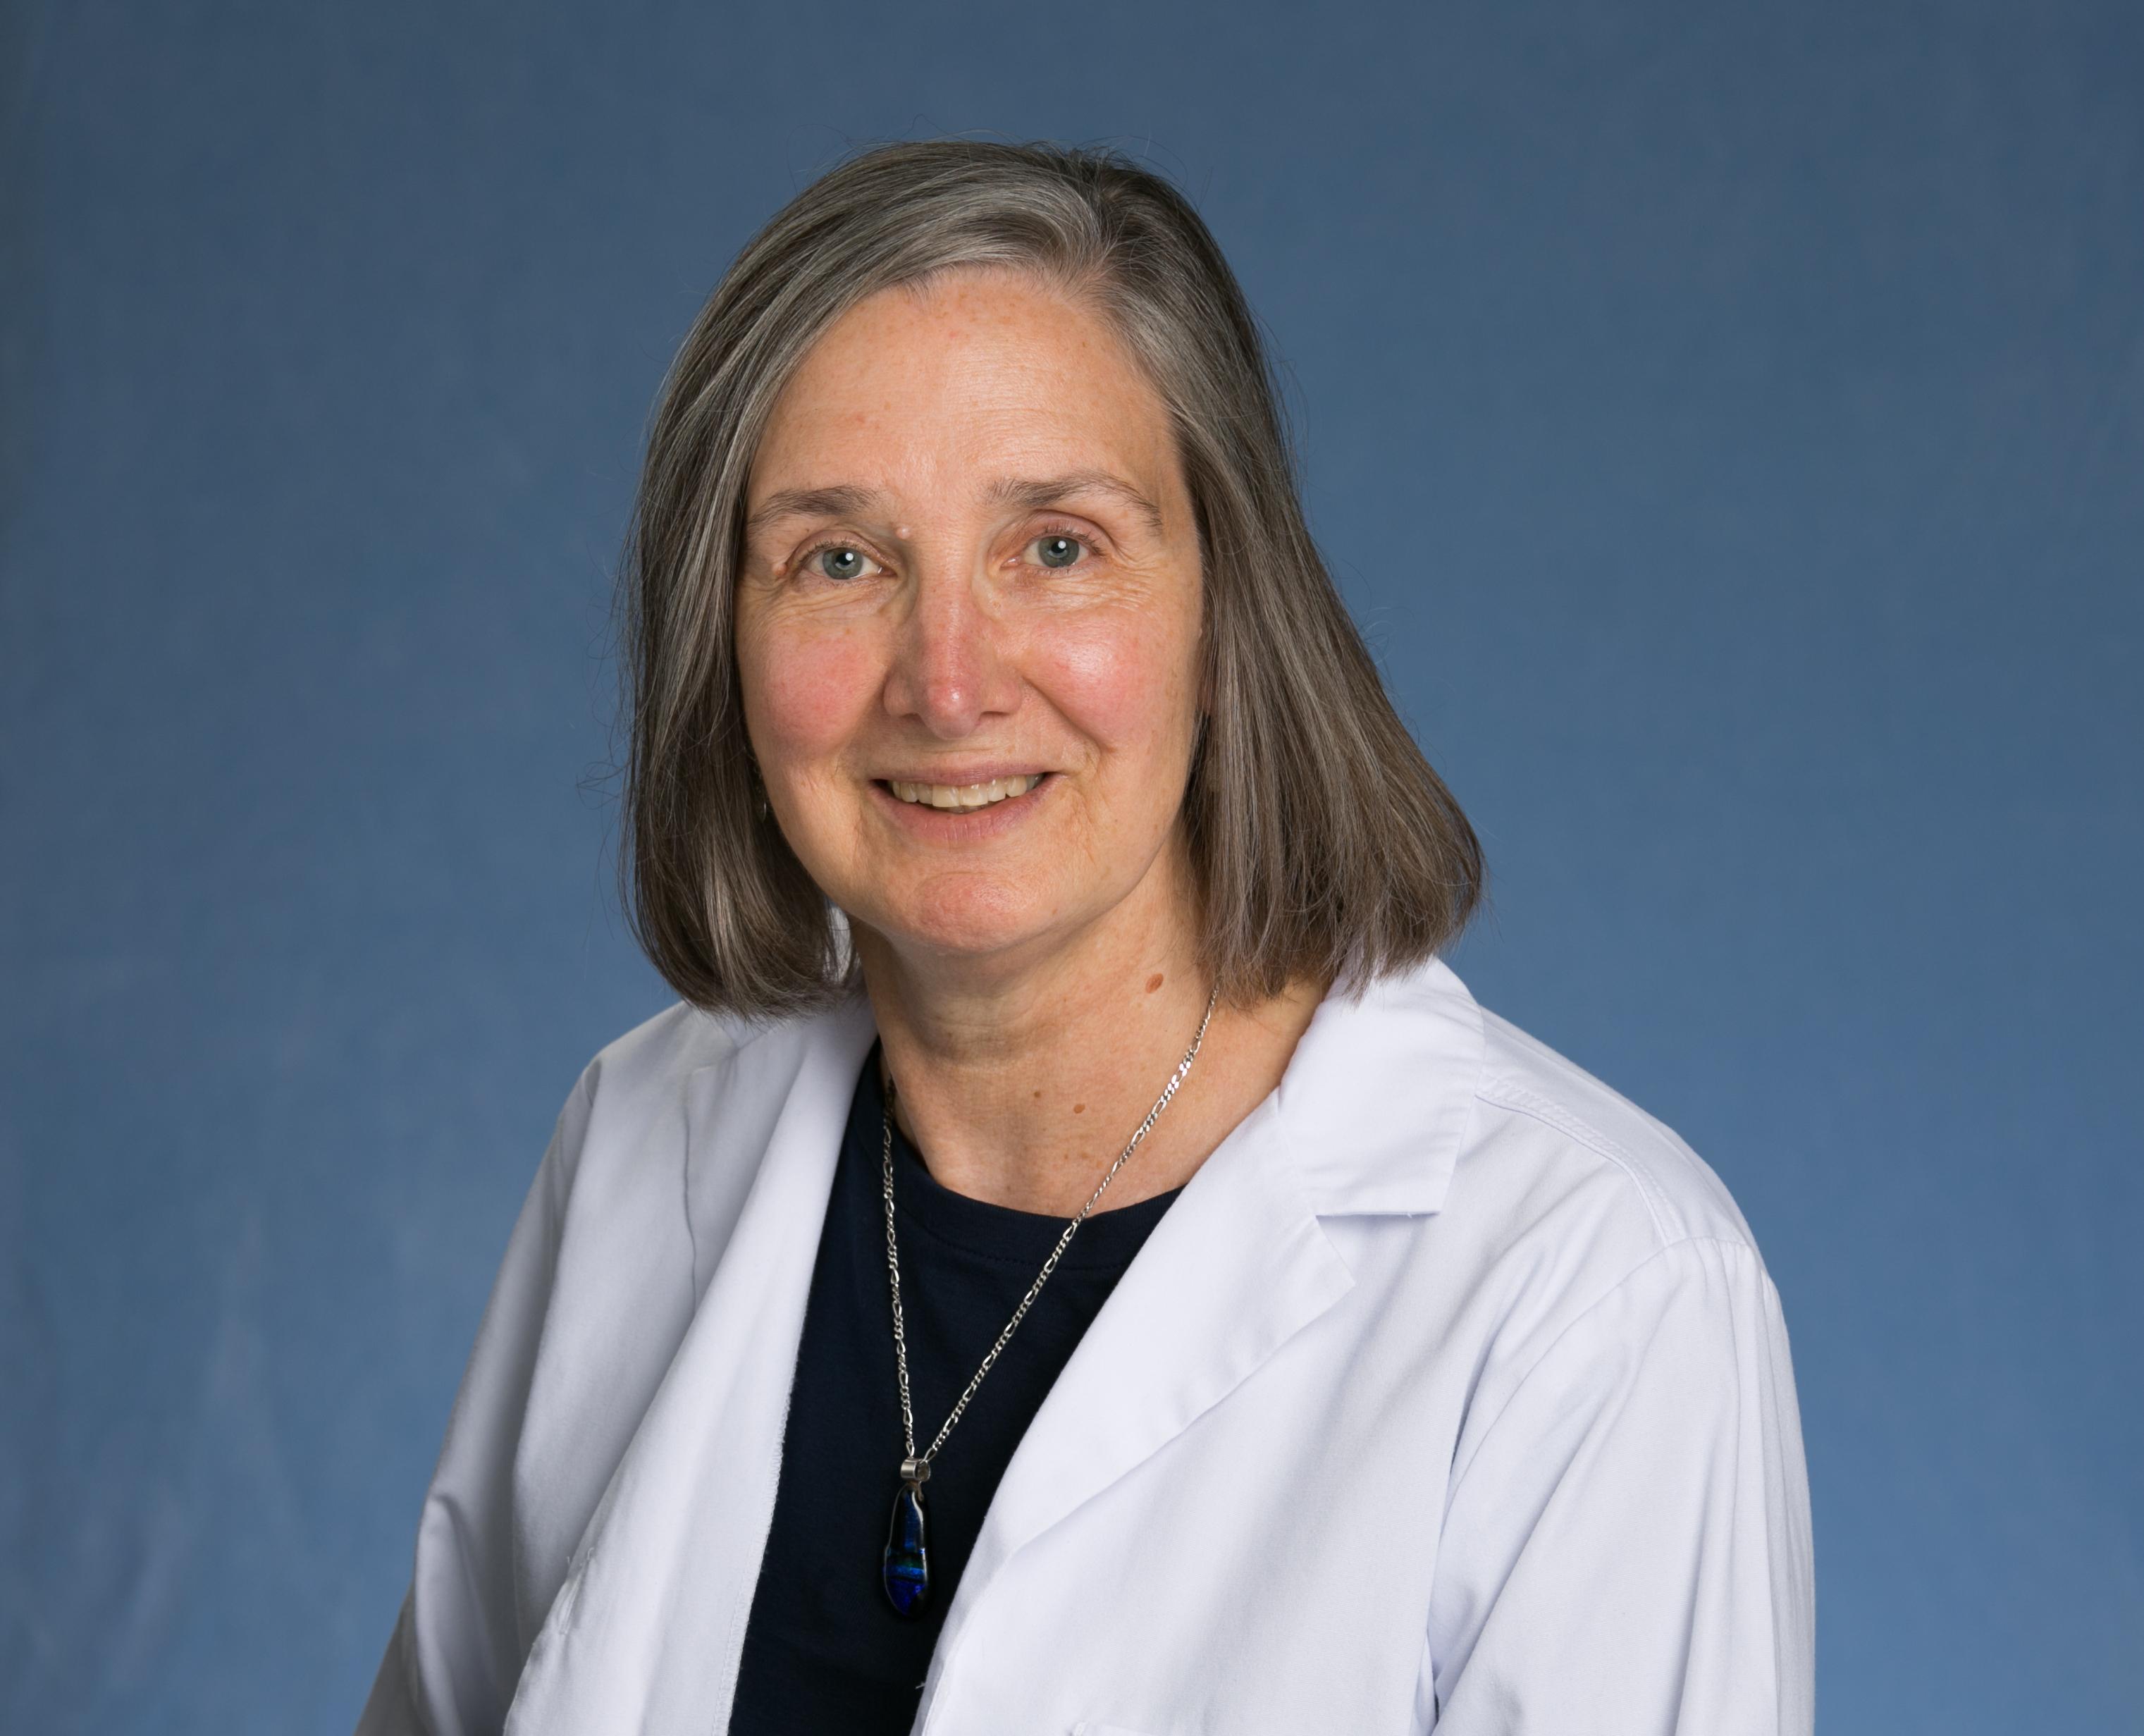 Martha Crenshaw, MD